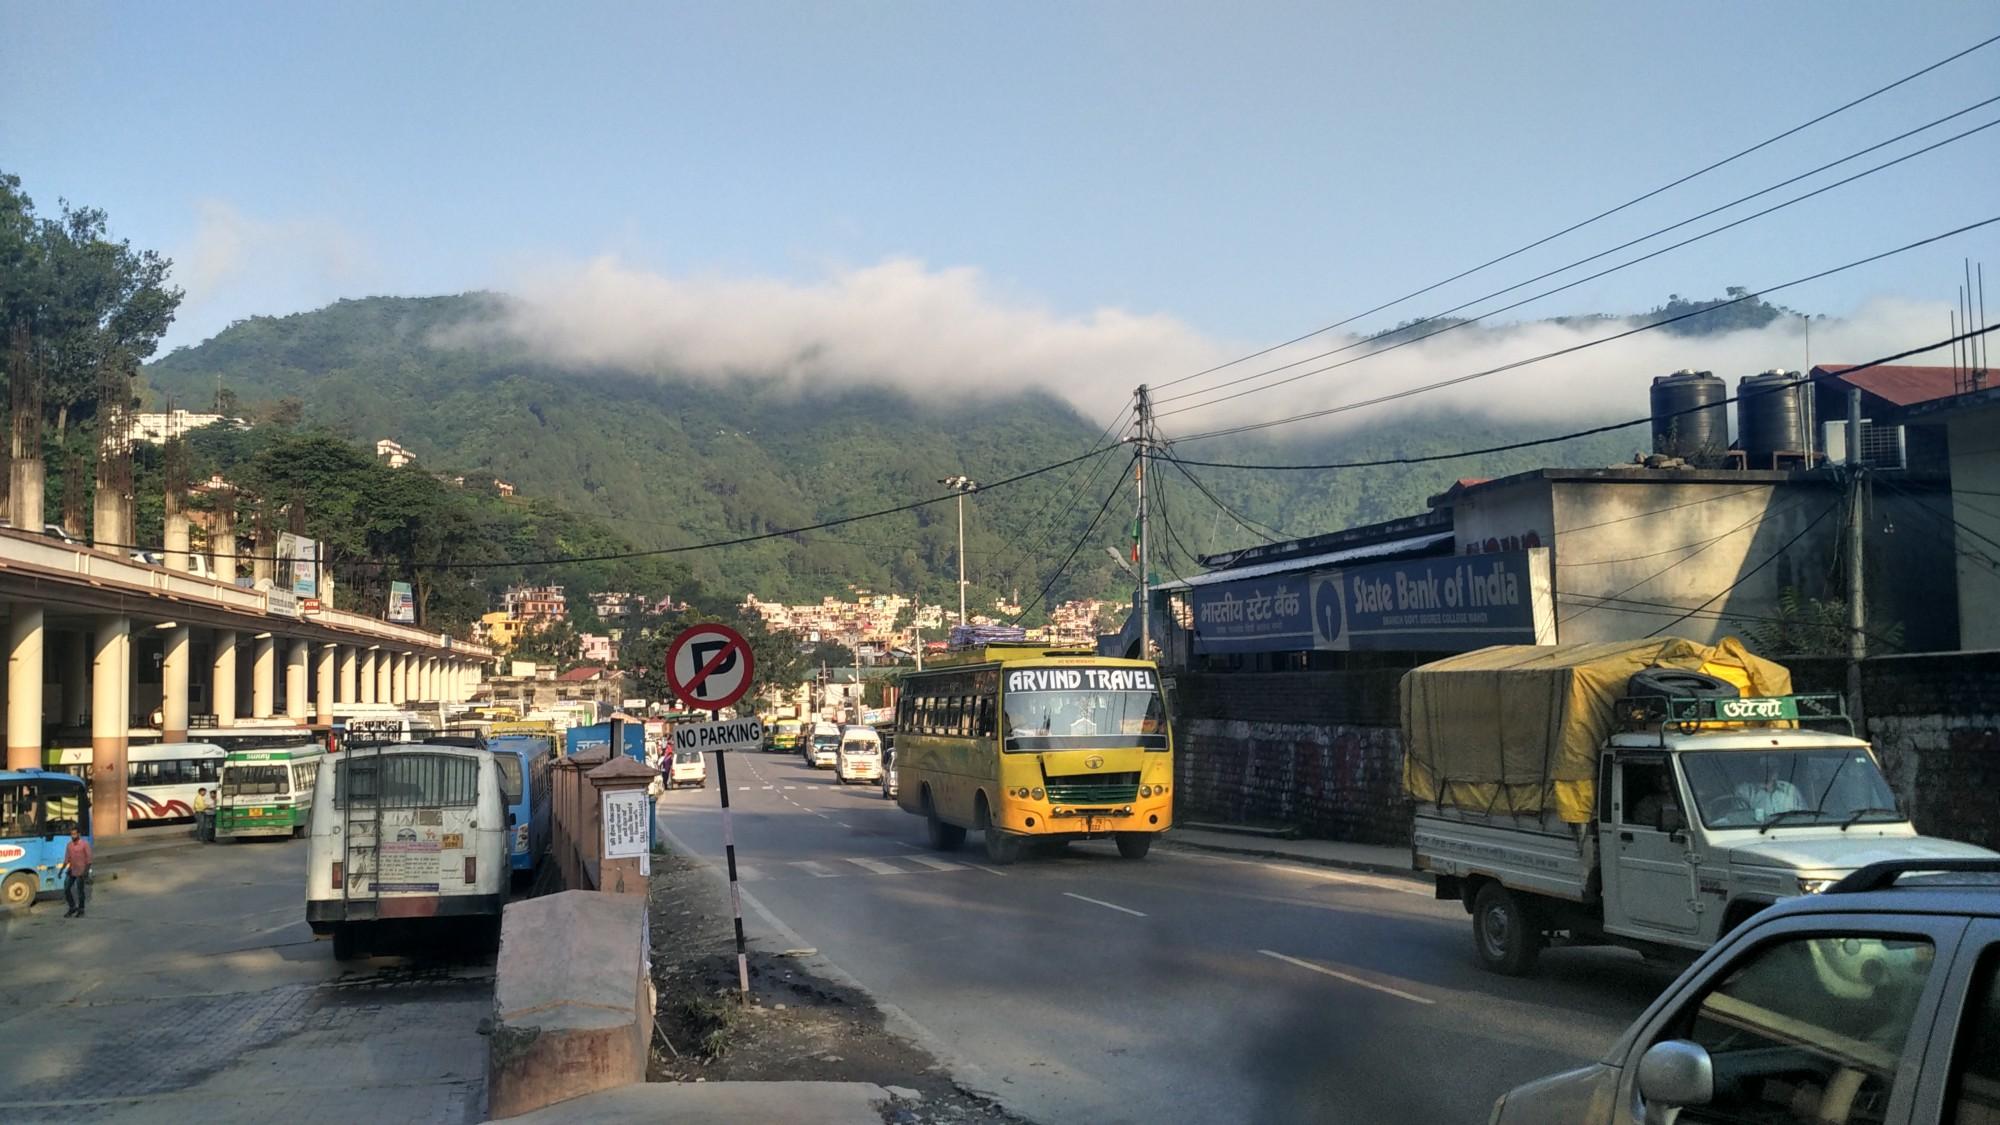 Mandi bus stand photo